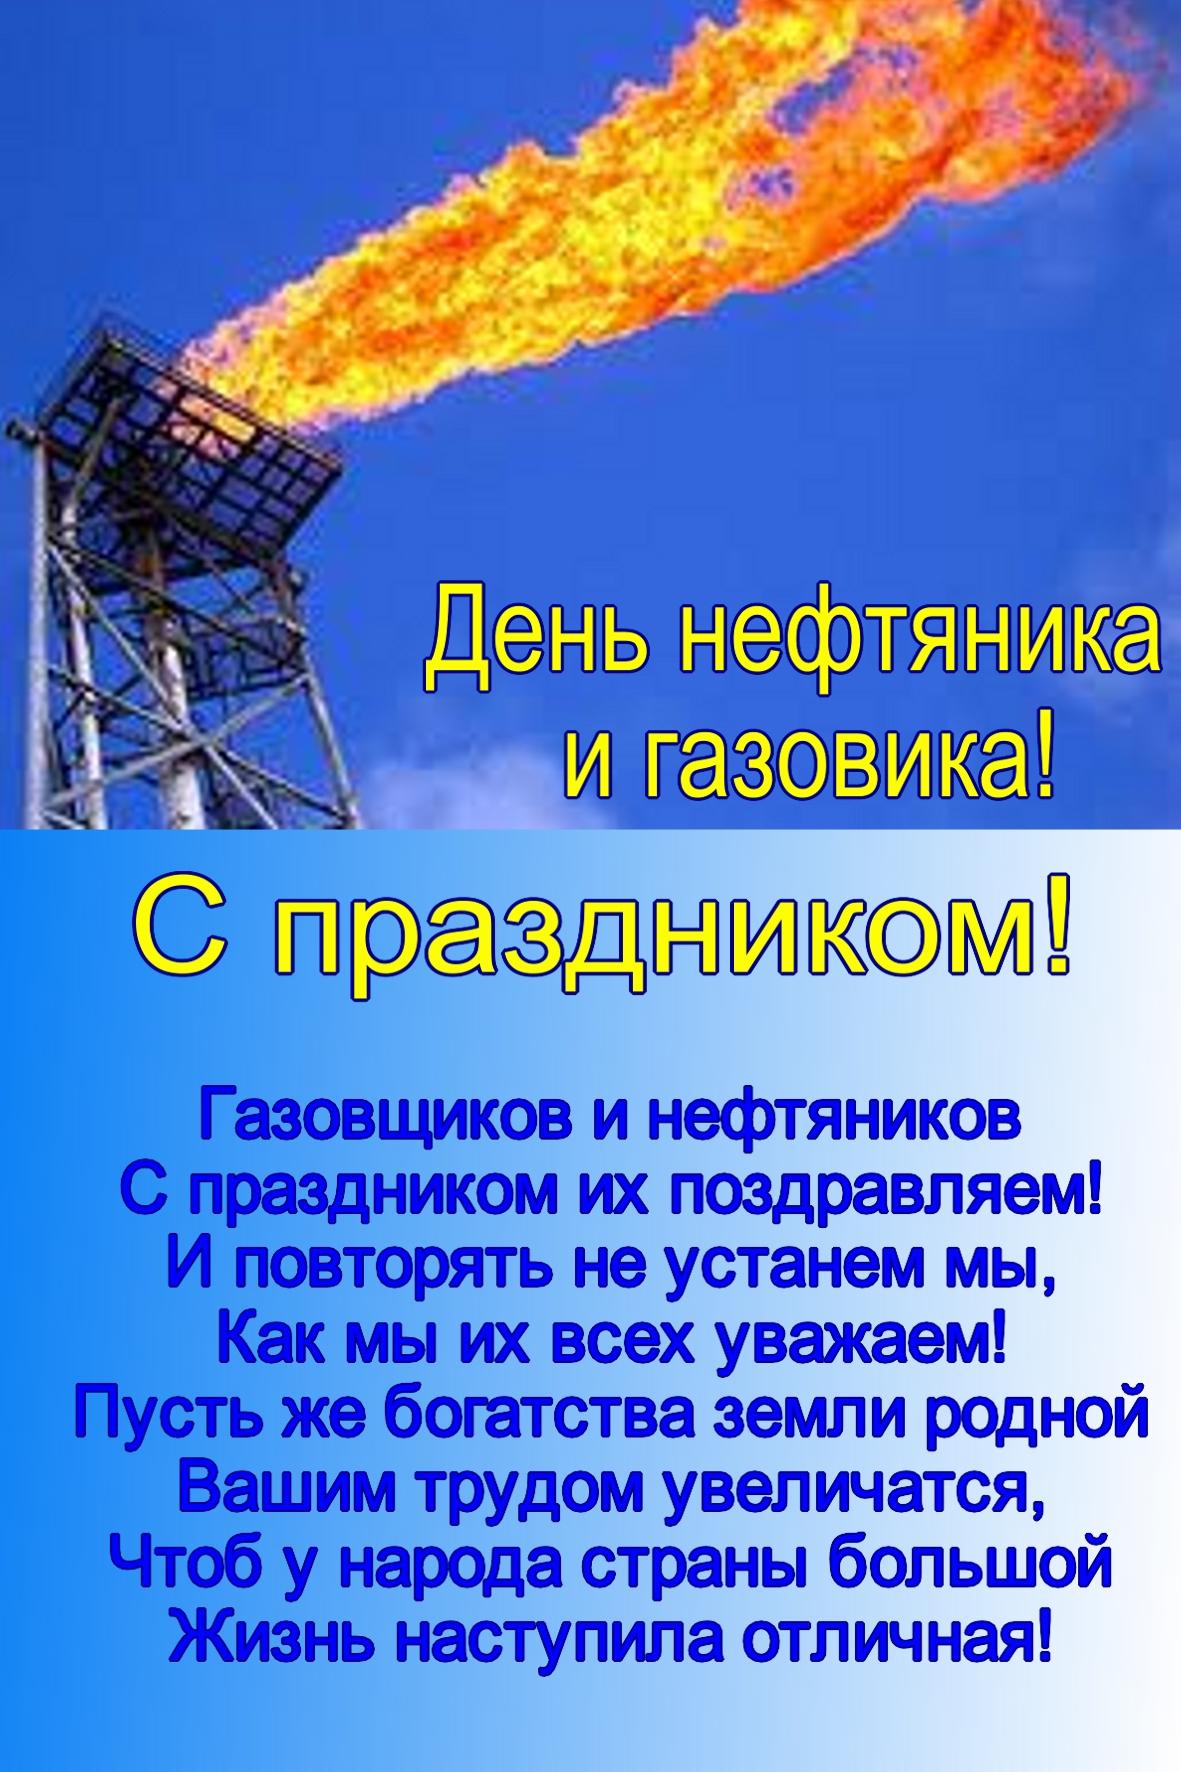 Открытки к день работников нефтяной и газовой промышленности, картинки движущиеся картинки